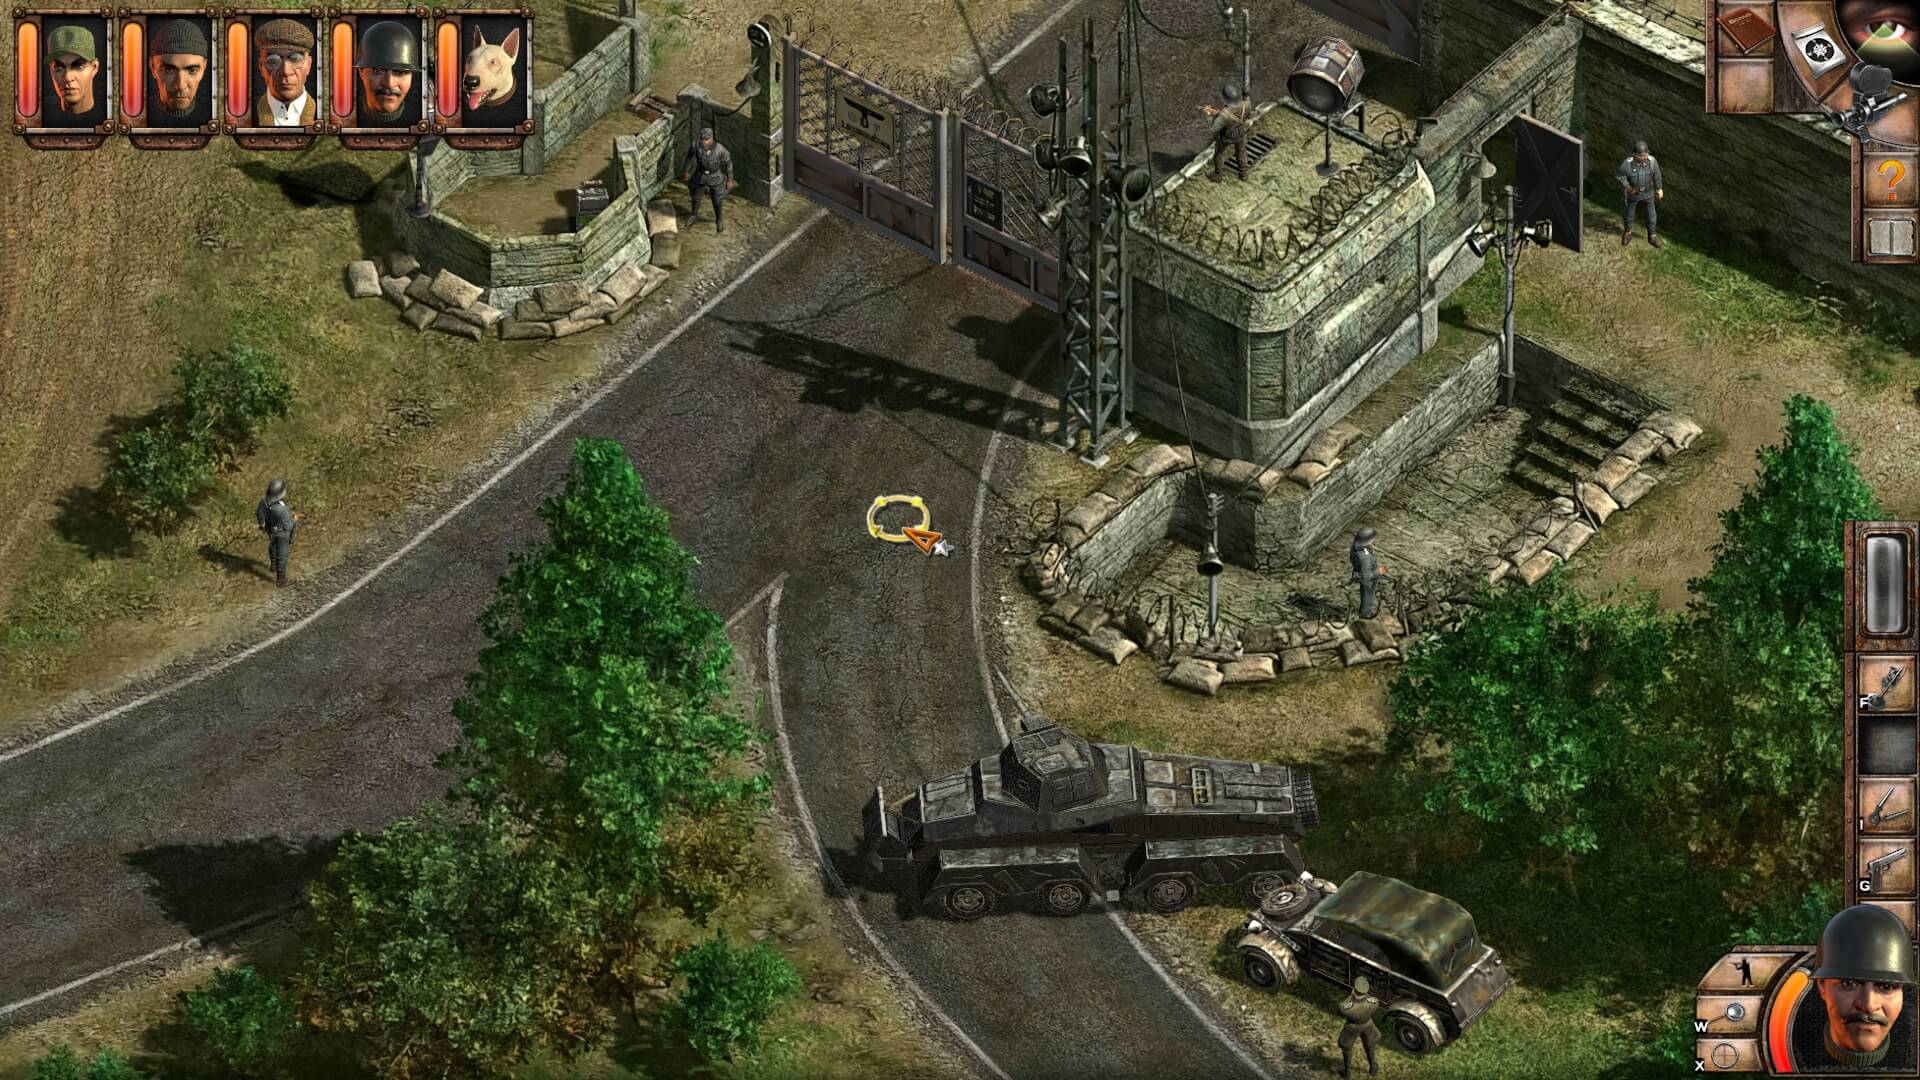 В сети опубликованы новые скриншоты Commandos 2 HD Remaster